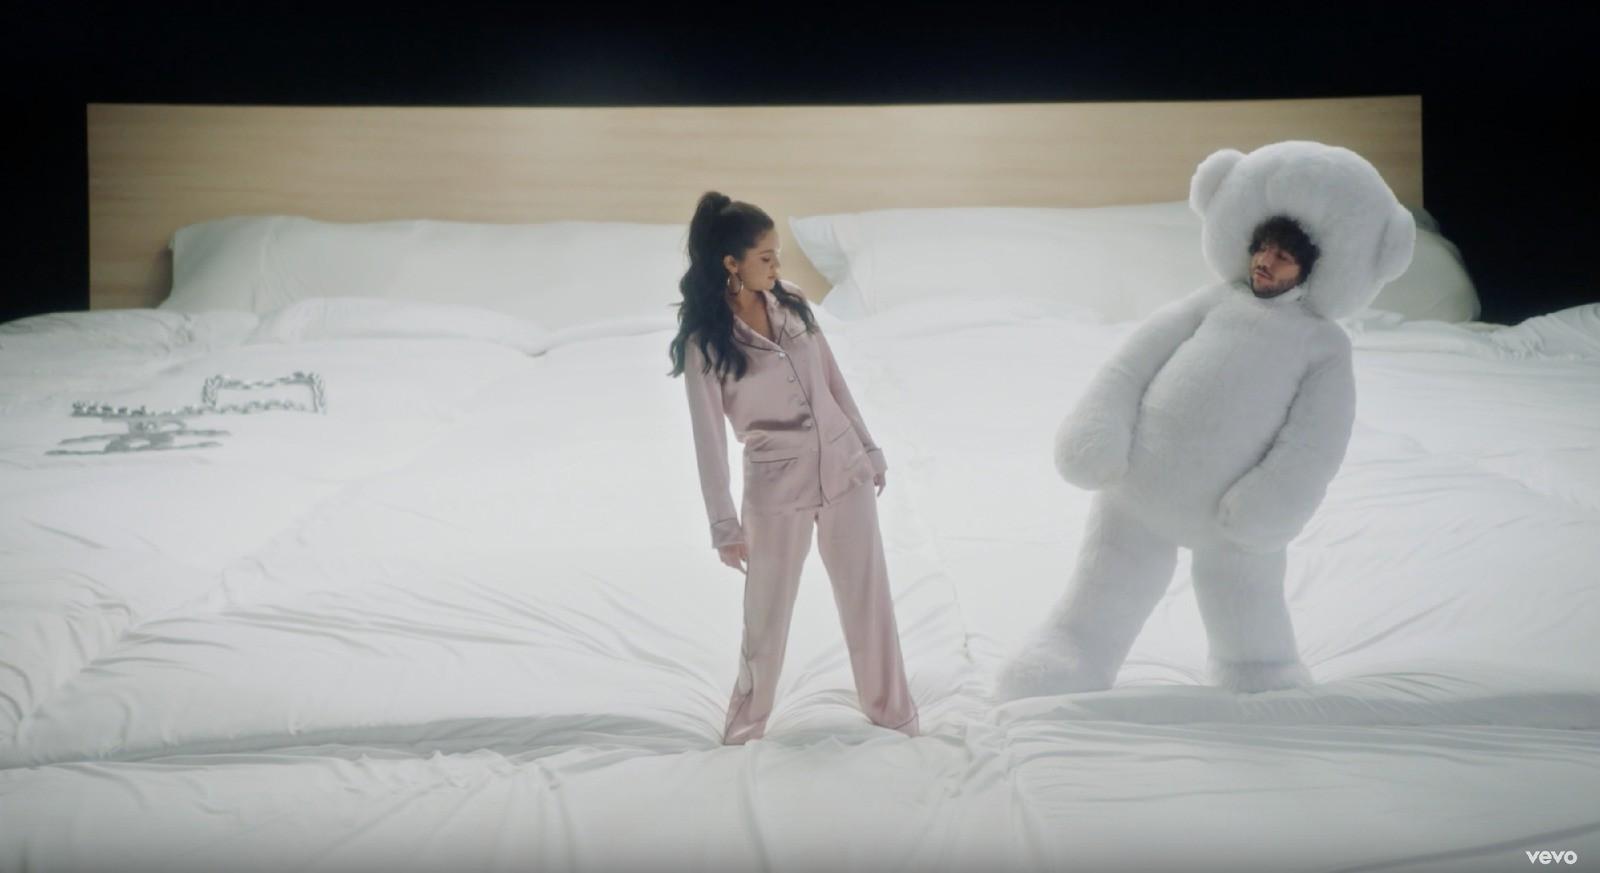 MV mới của Selena Gomez làm tình làm tội gì mà khán giả ra giá kinh phí ở con số không tưởng thế này? - Ảnh 3.